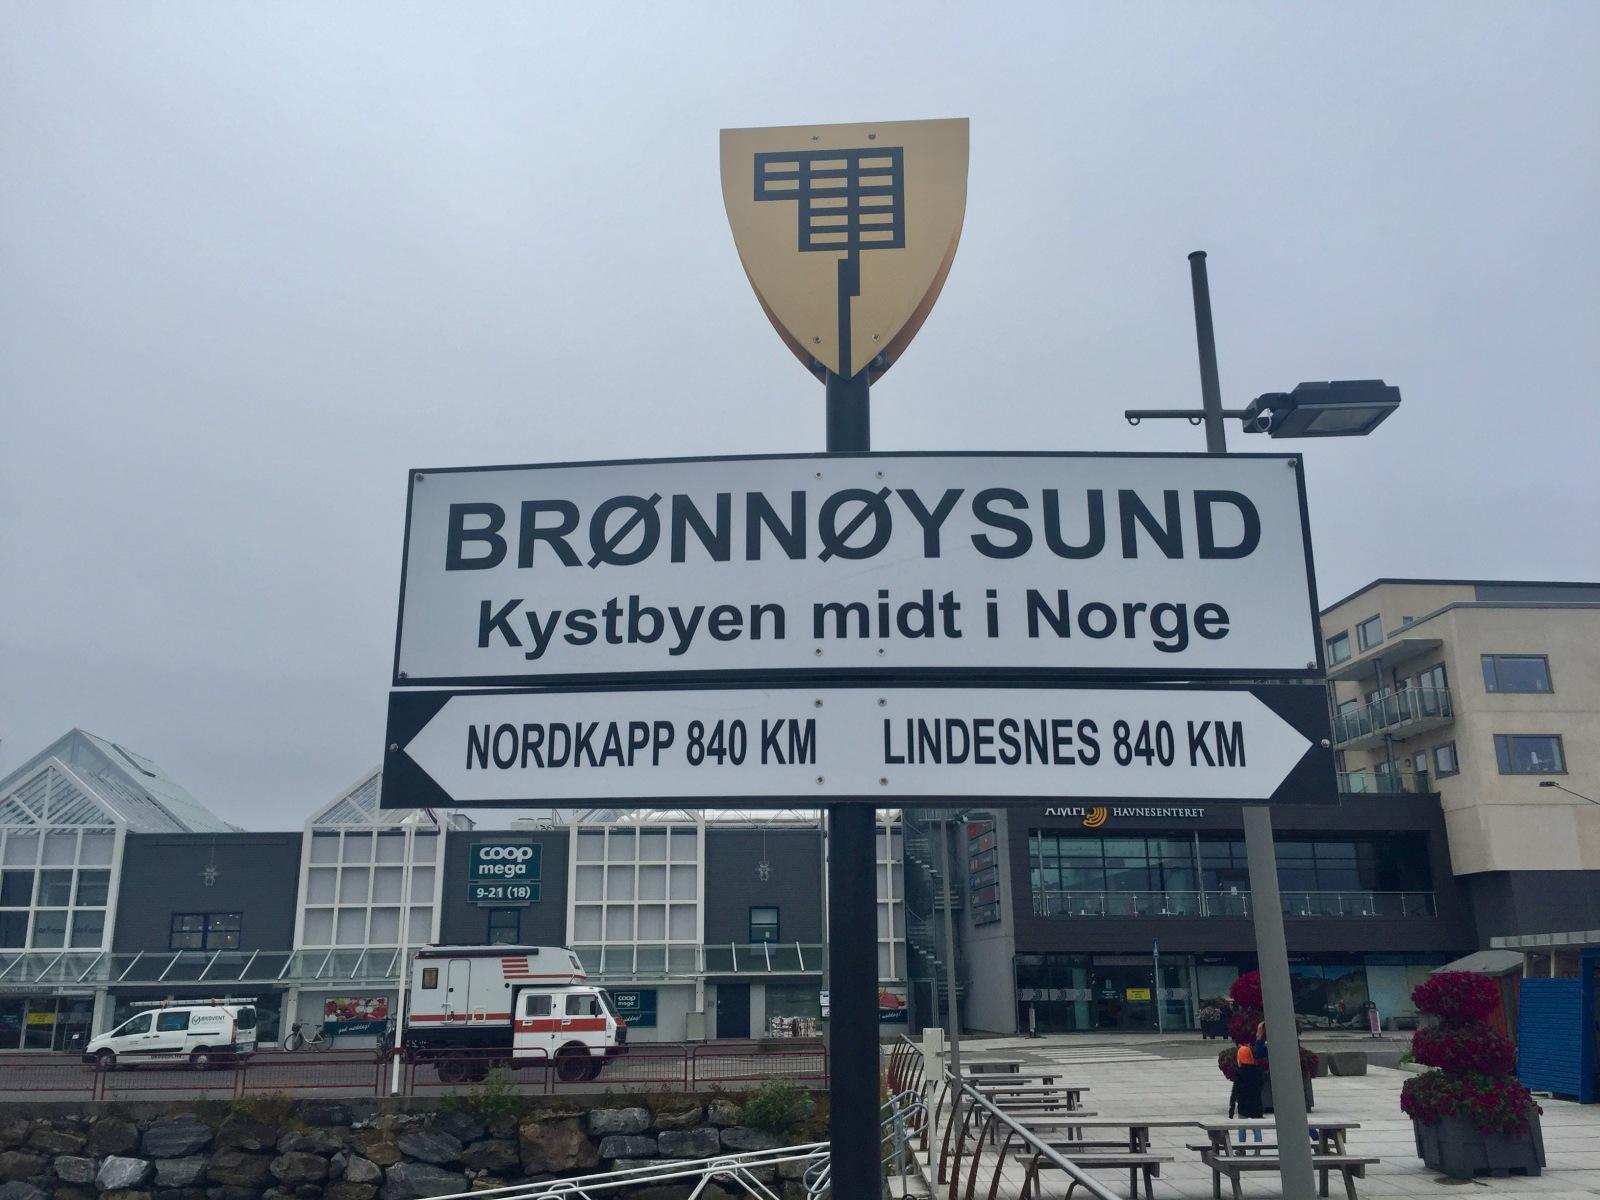 Brønnøysund, Nordland